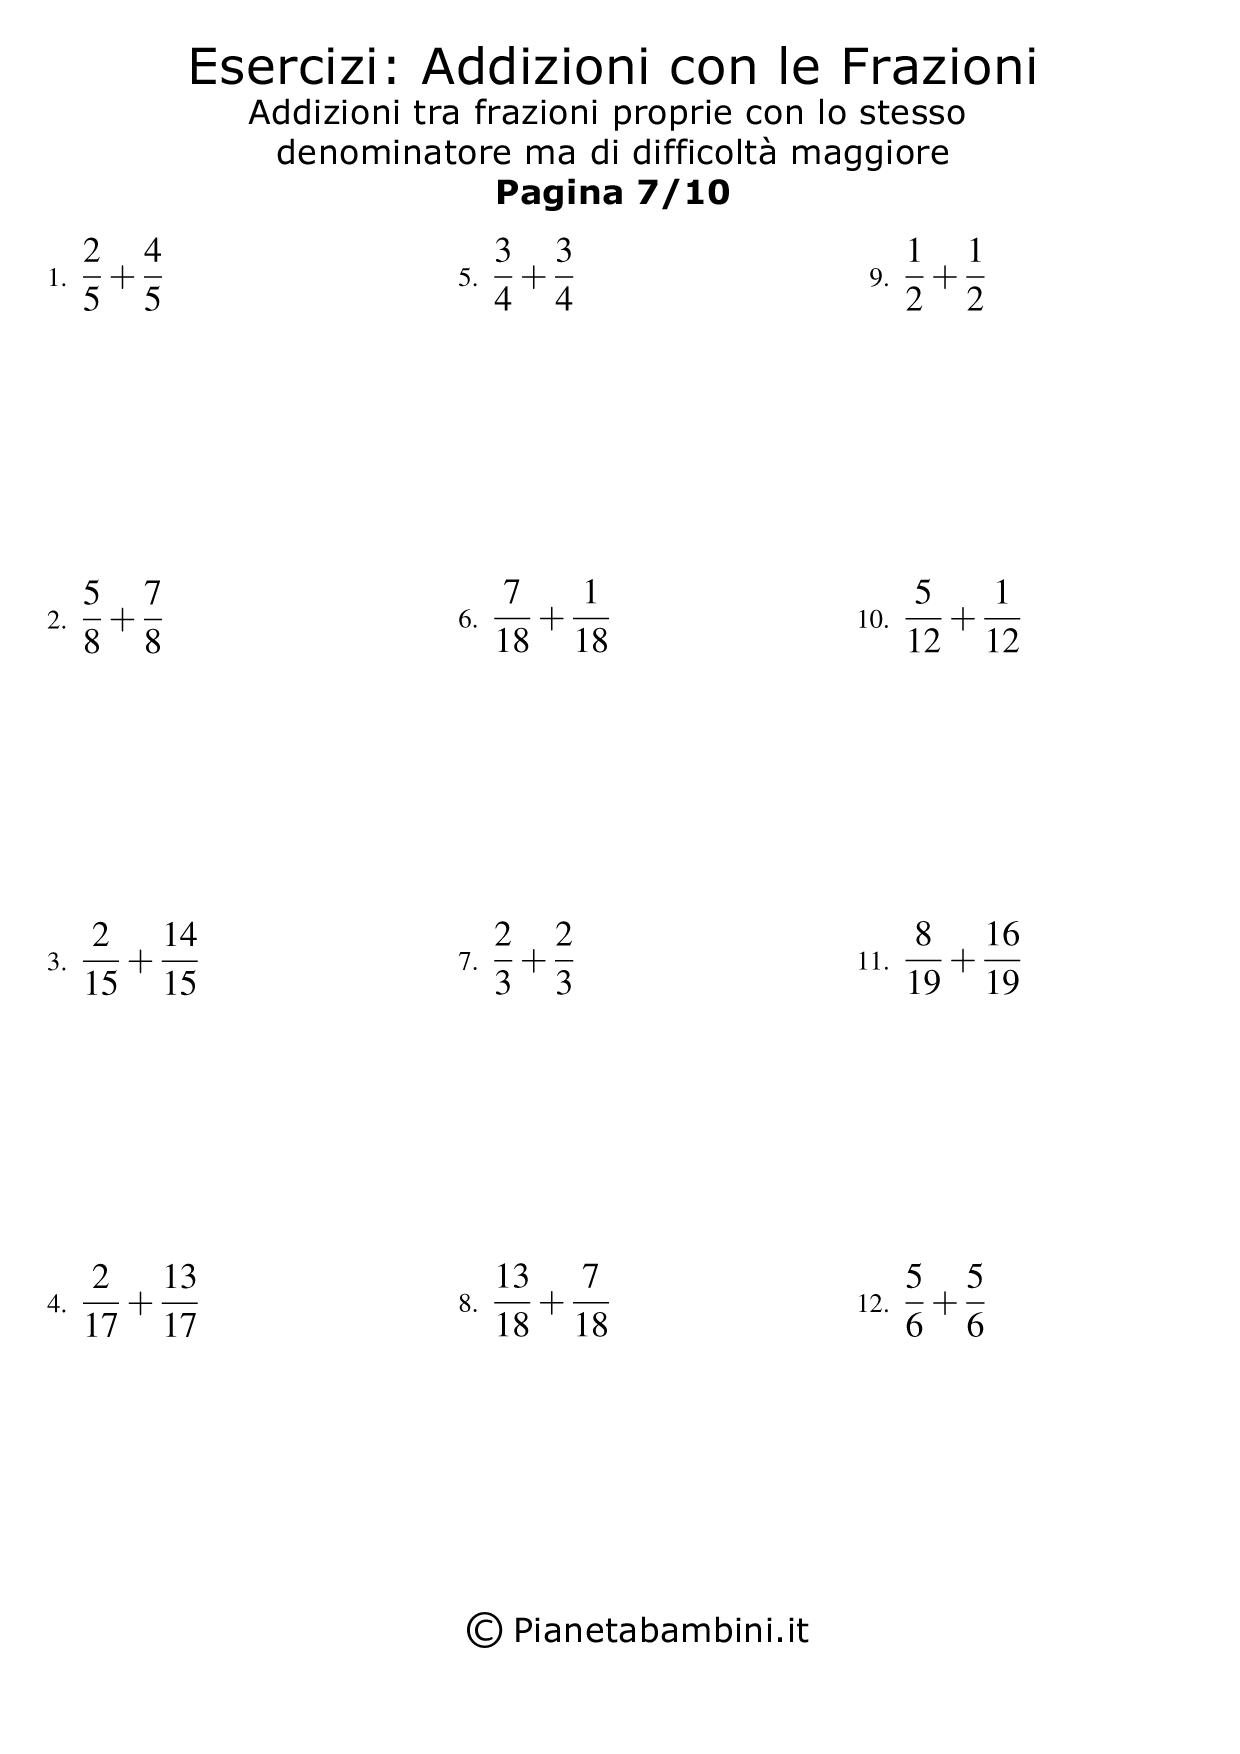 Addizioni-Frazioni-Stesso-Denominatore-Difficili_07